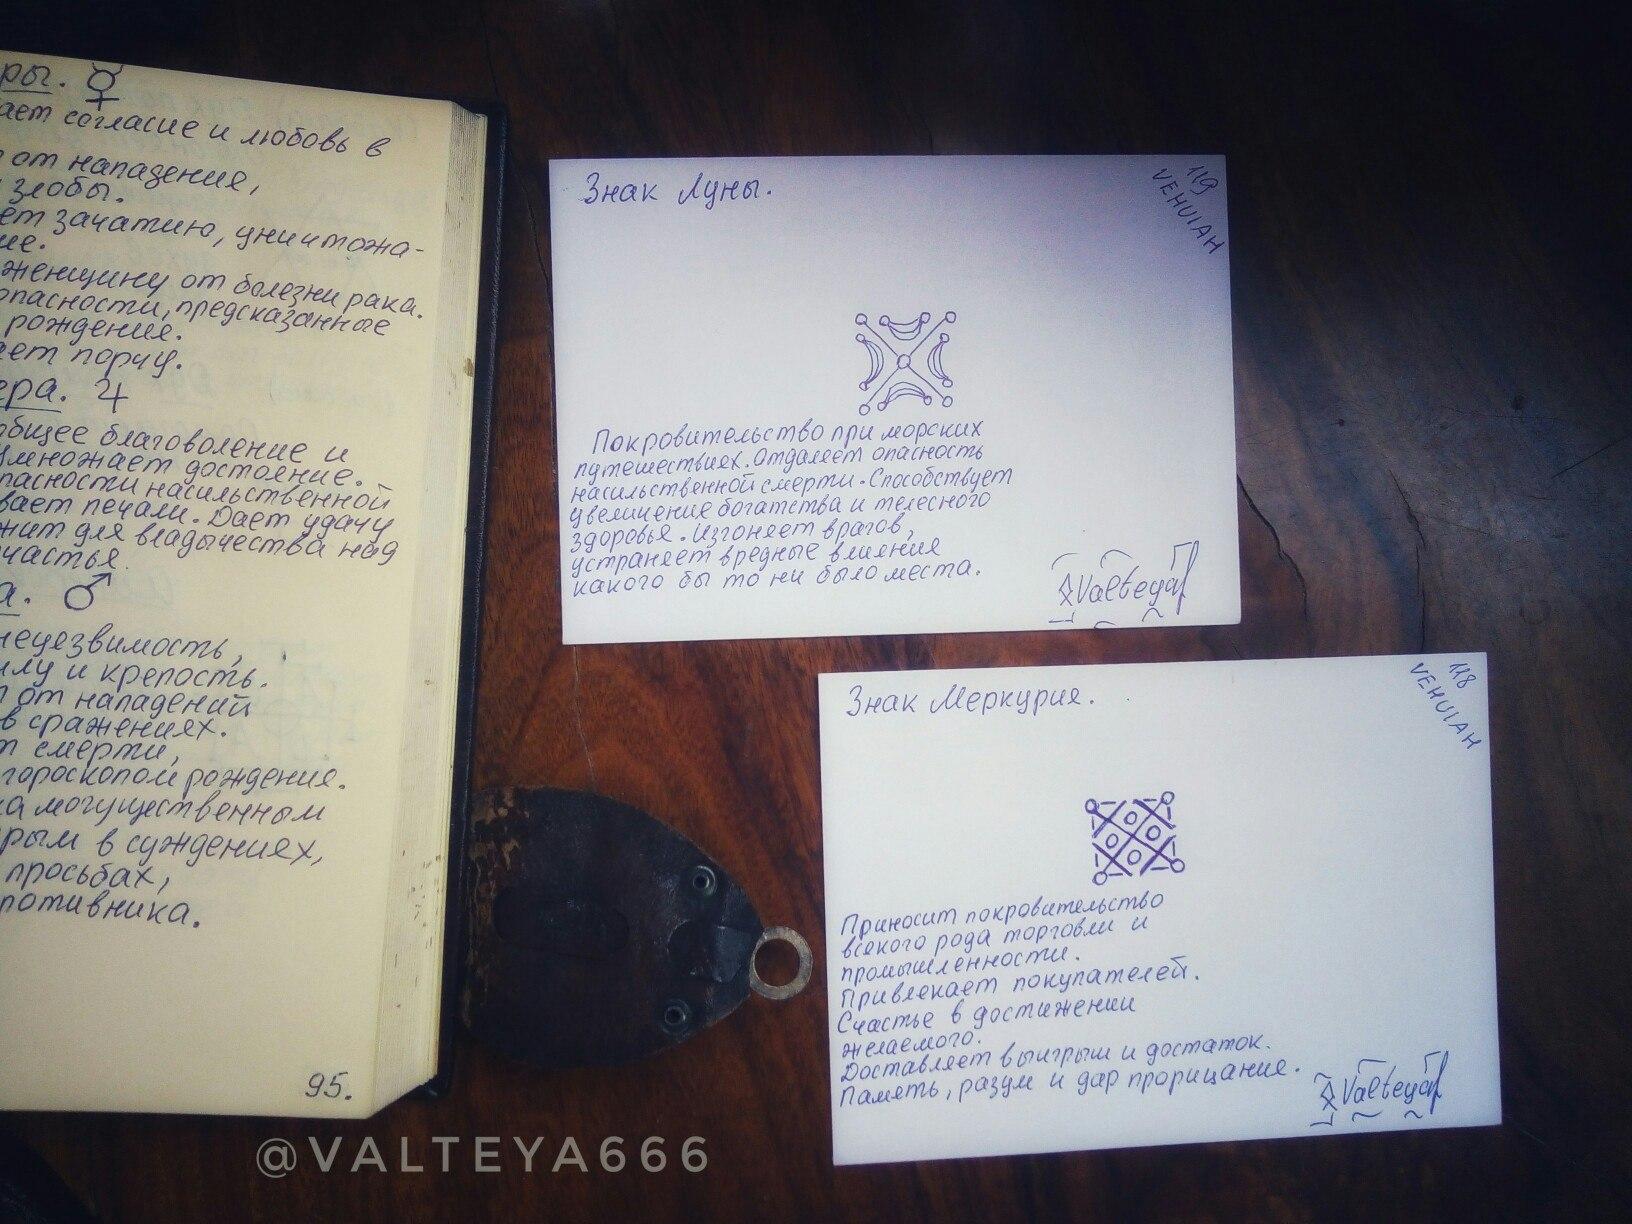 Рунограмма - Конверты с магическими программами от Елены Руденко. Ставы, символы, руническая магия.  - Страница 6 MIDr-5hXBIc